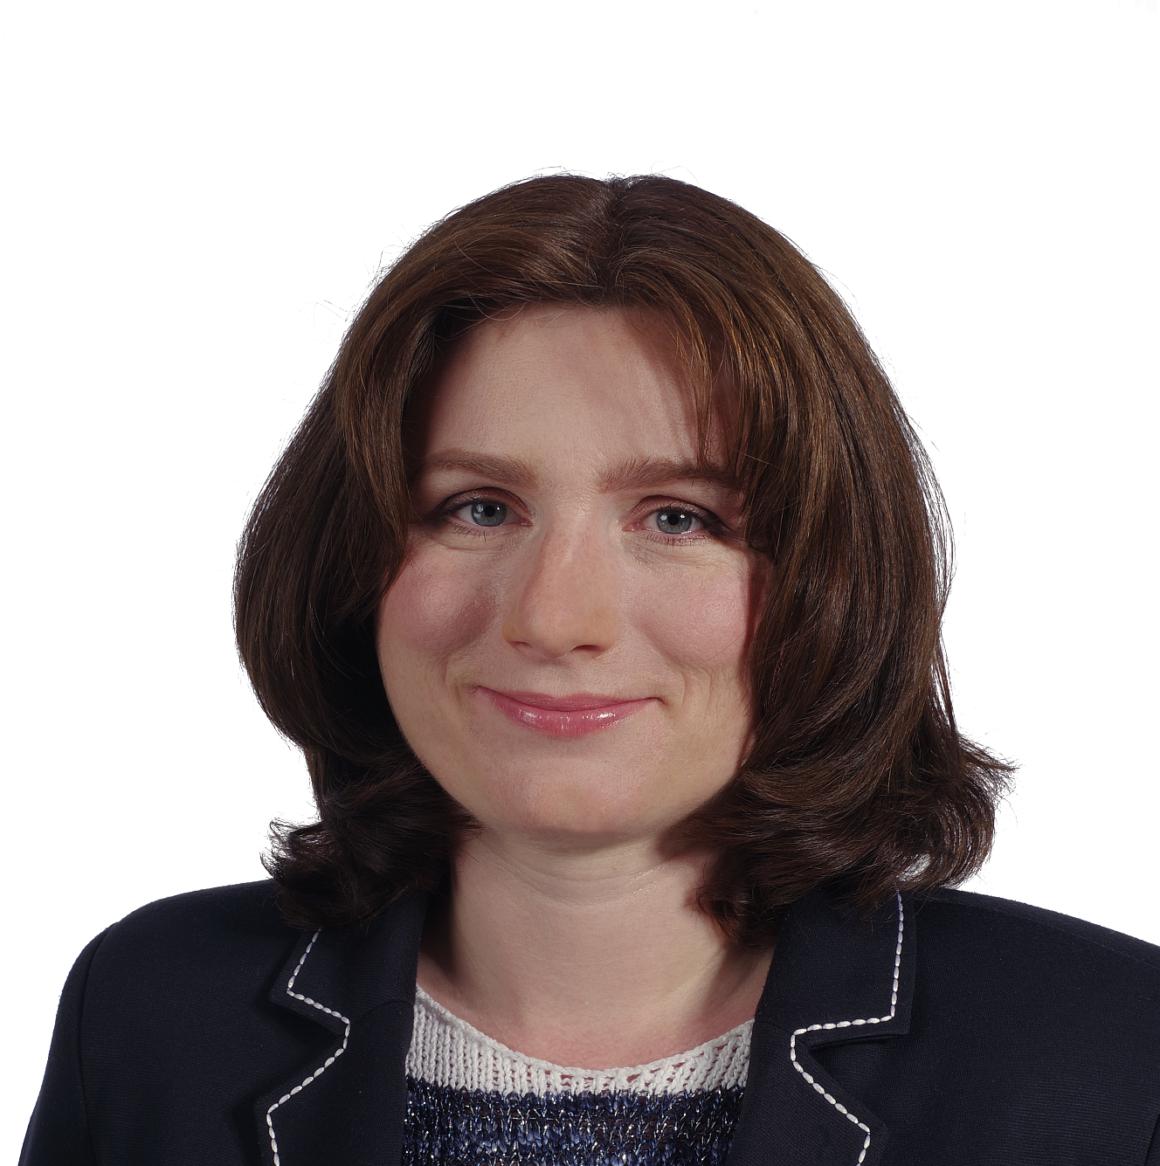 Lidovce na Vinohradech povede do voleb zkušená právnička Jitka Ivičičová